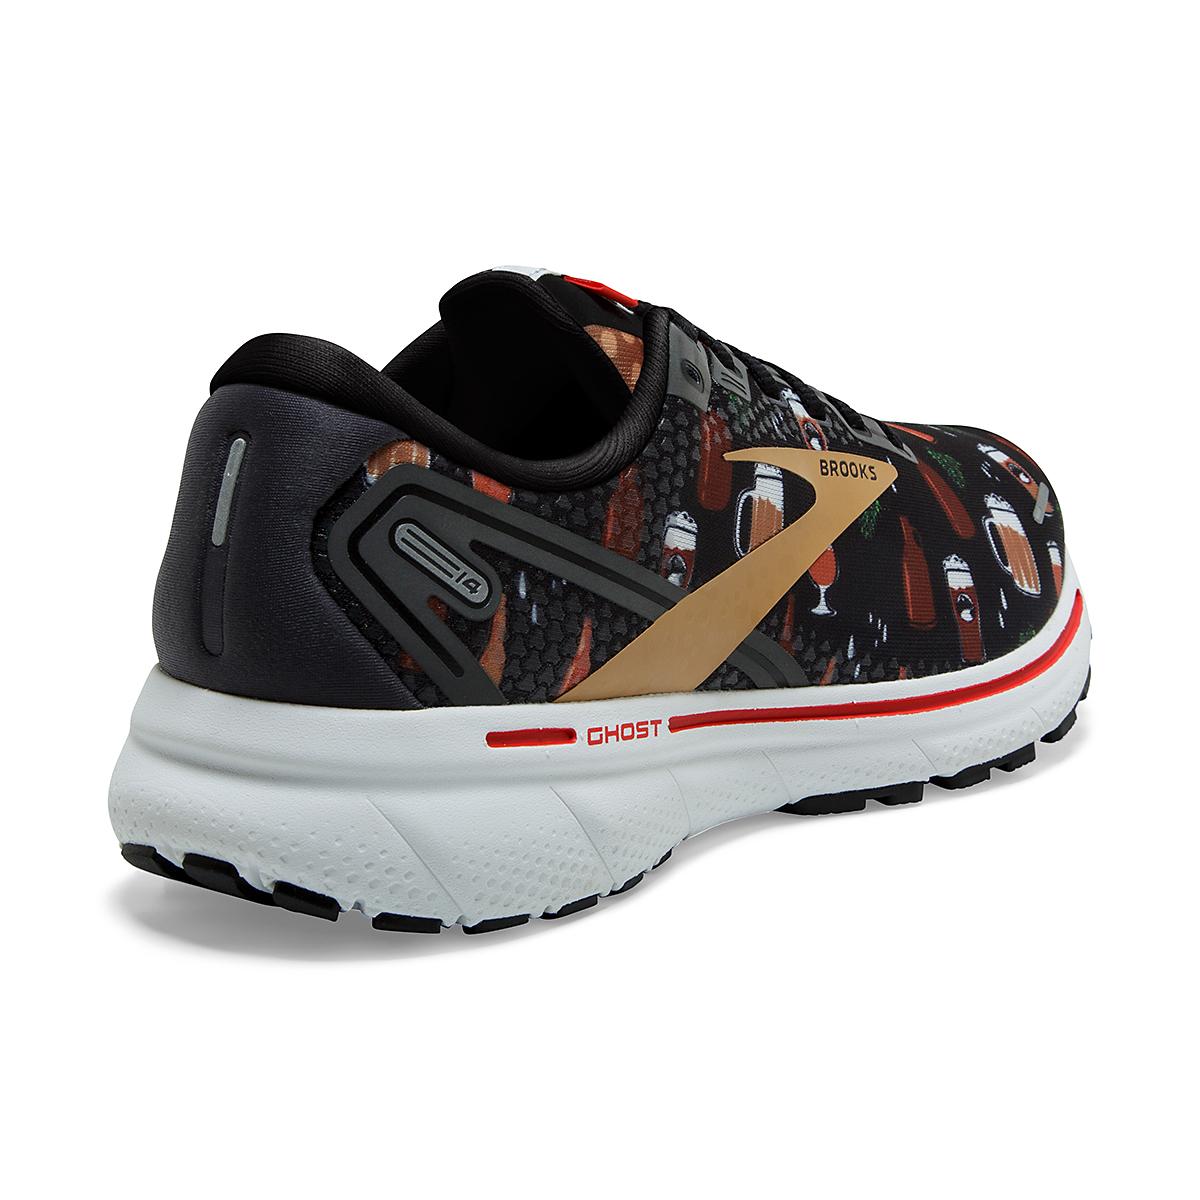 Men's Brooks Ghost 14 Running Shoe - Color: Run Hoppy - Size: 7 - Width: Regular, Run Hoppy, large, image 3